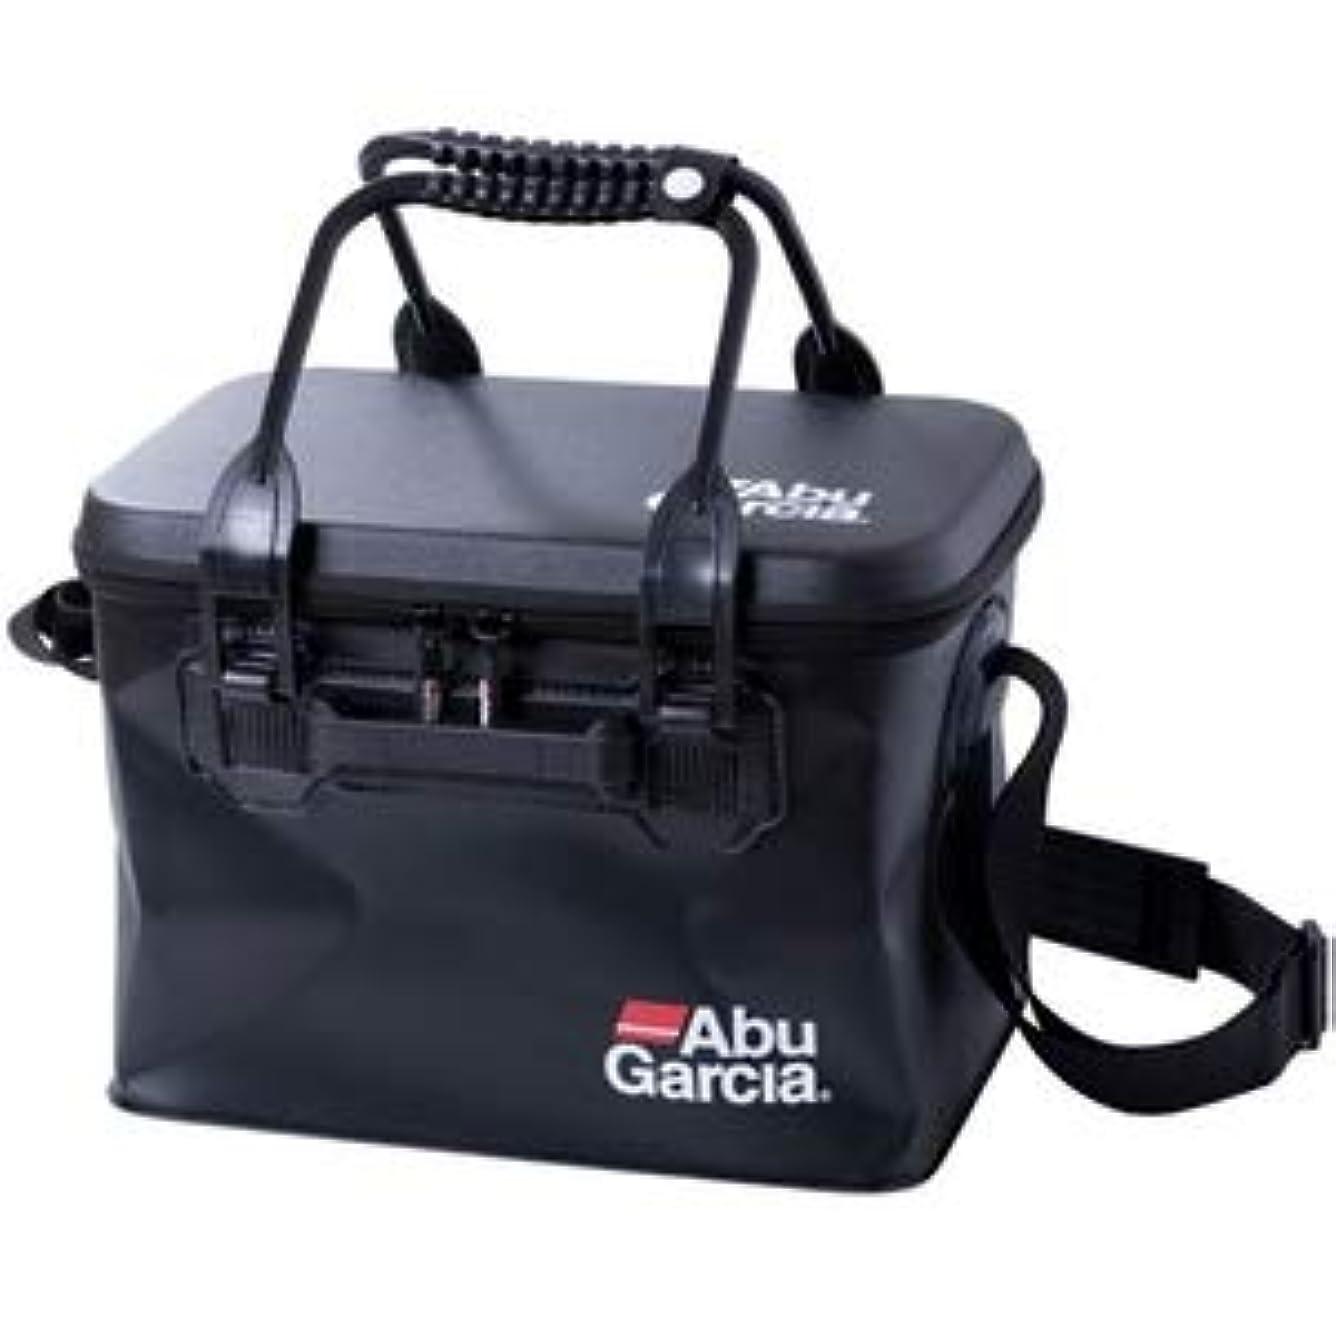 身元装備する過半数アブガルシア(Abu Garcia) タックルケース33マルチタイプ ブラック 1506959 ブラック